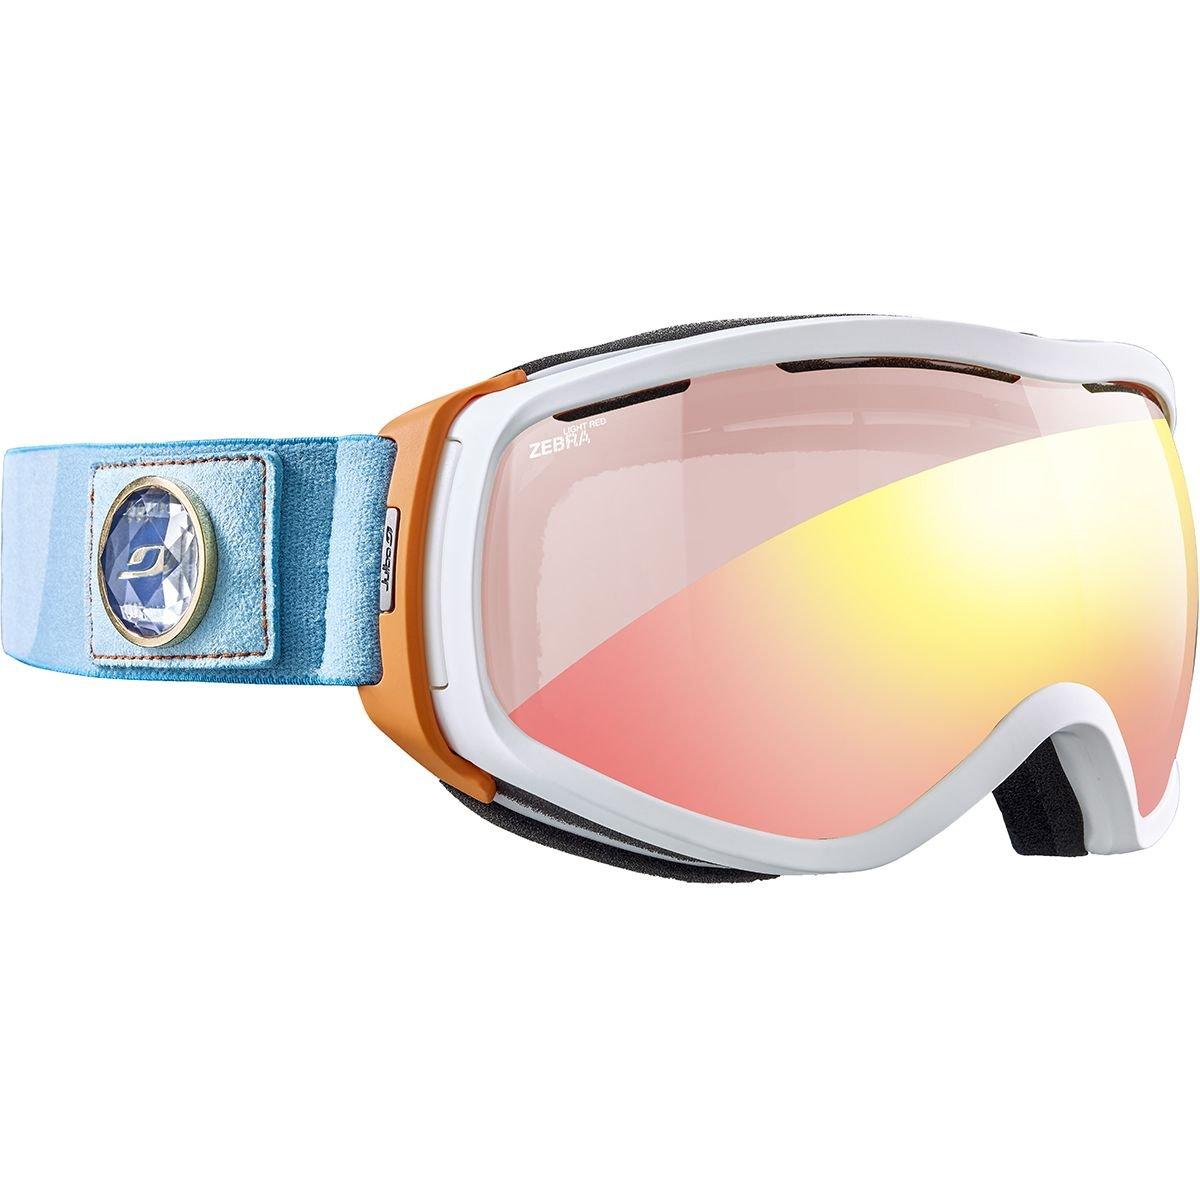 11bc1a4be4efd Amazon.com  Julbo Eyewear Women s Elara OTG White Orange Turquoise With  Zebra Light Photochromic Lens One Size  Sports   Outdoors